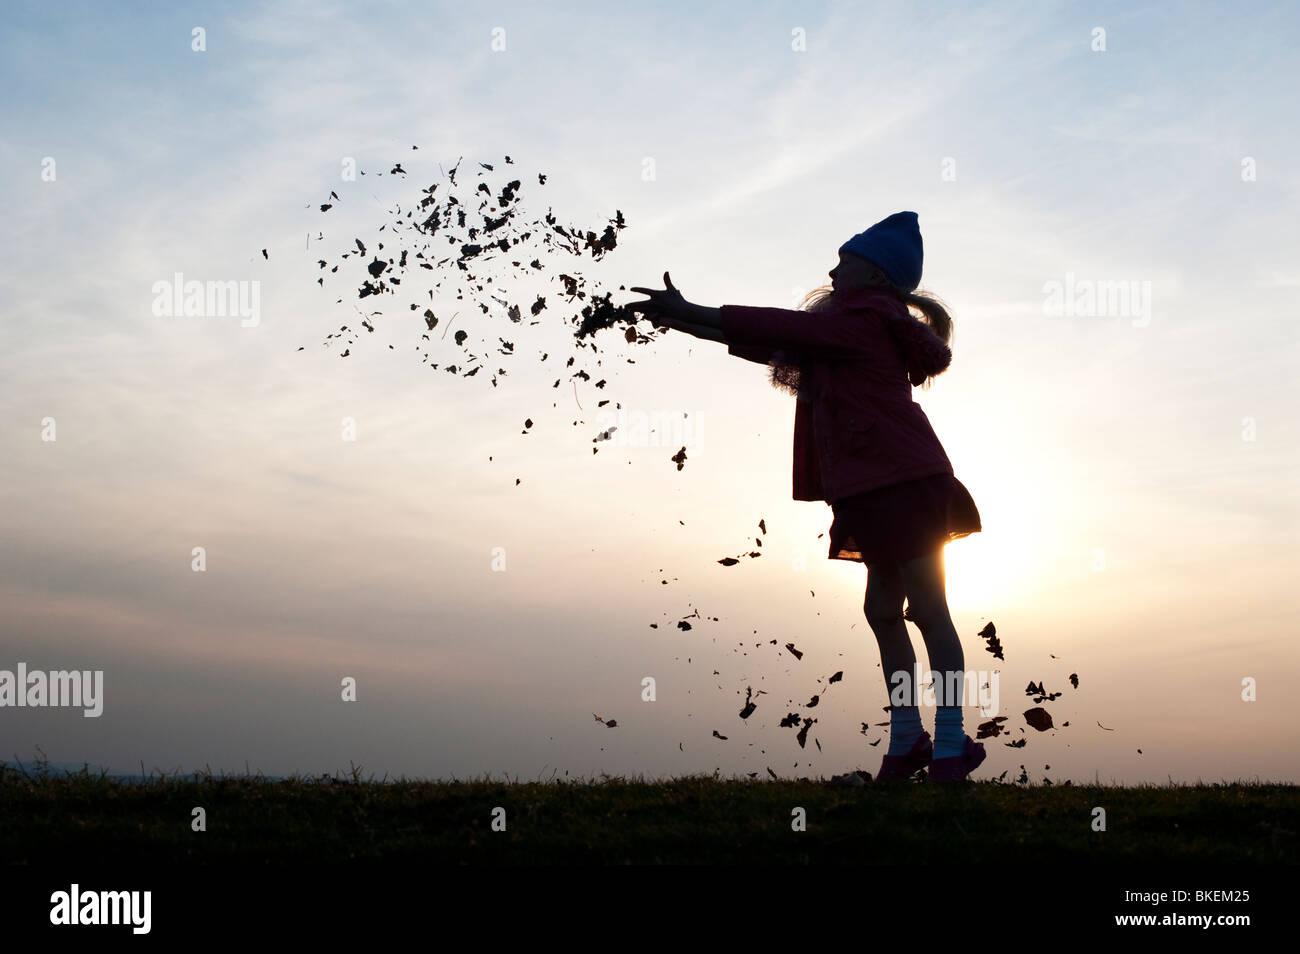 Joven divertirse arrojando hojas. Silueta Imagen De Stock